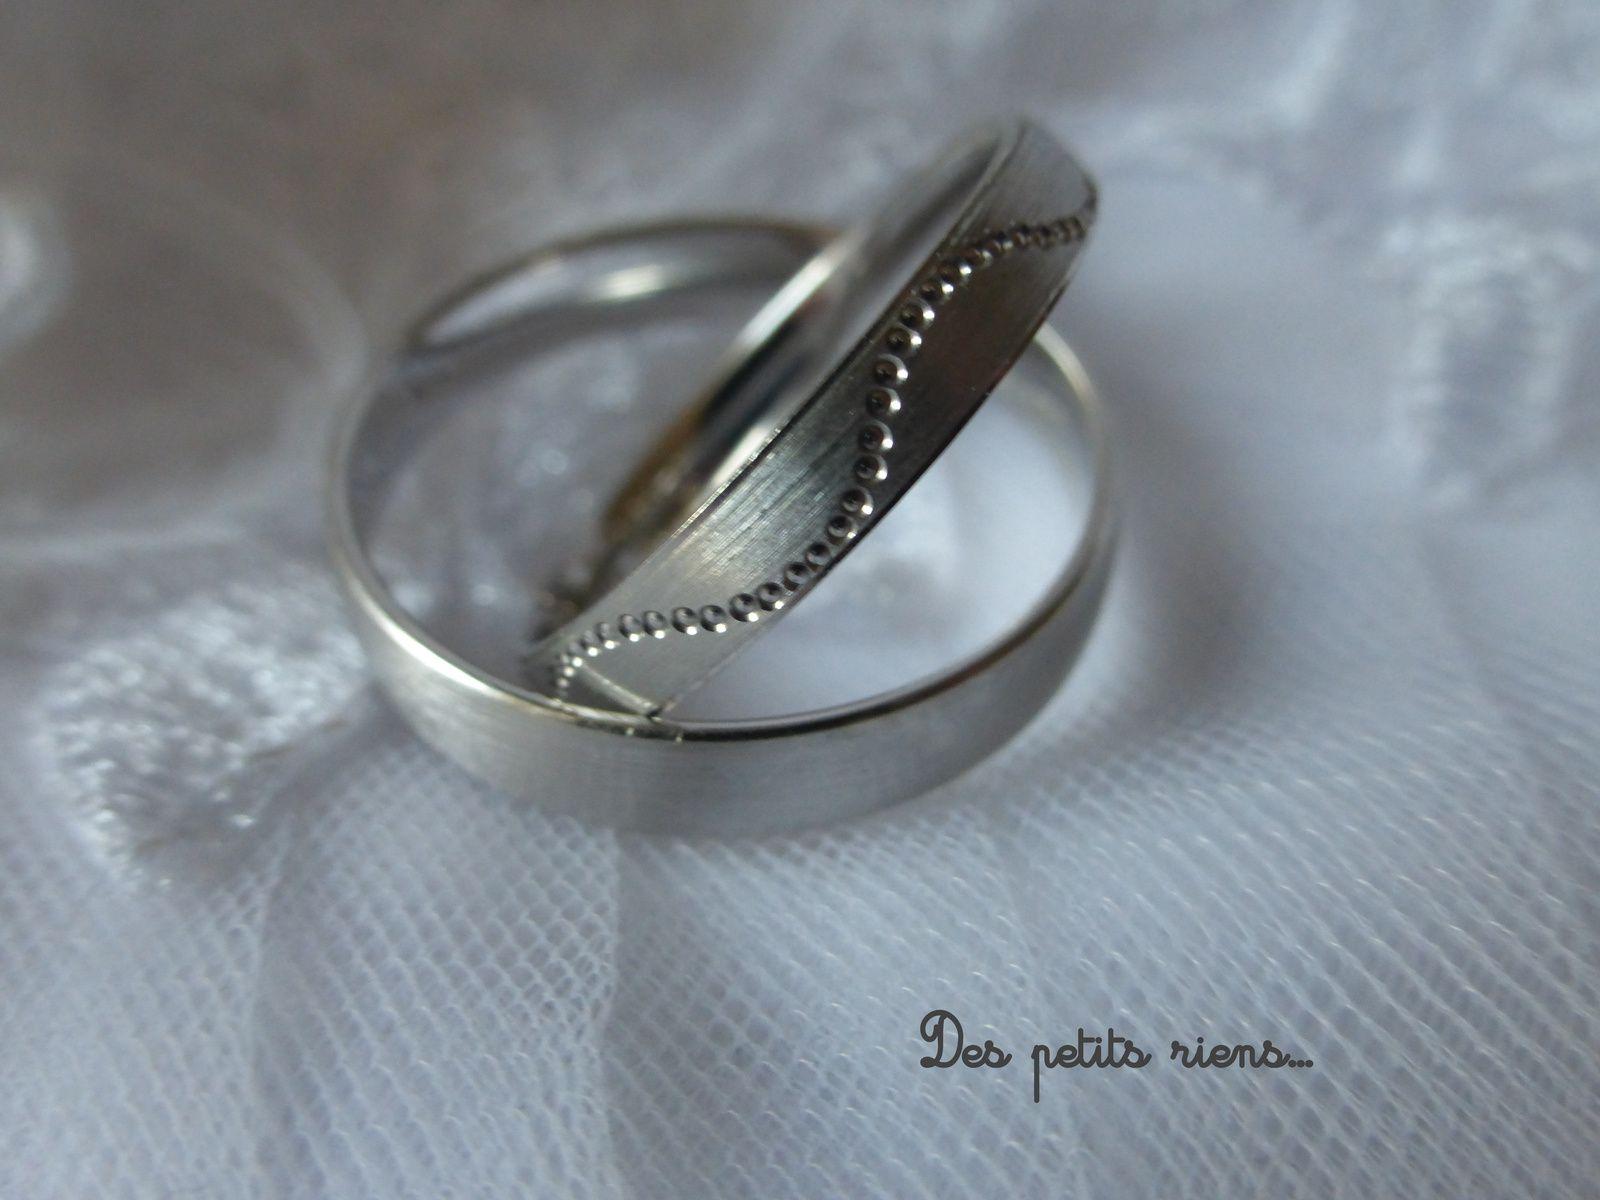 Une vague de bonheur parcourt mon alliance...et sur celle du marié, rien, comme un long fleuve tranquille qui suit son court...